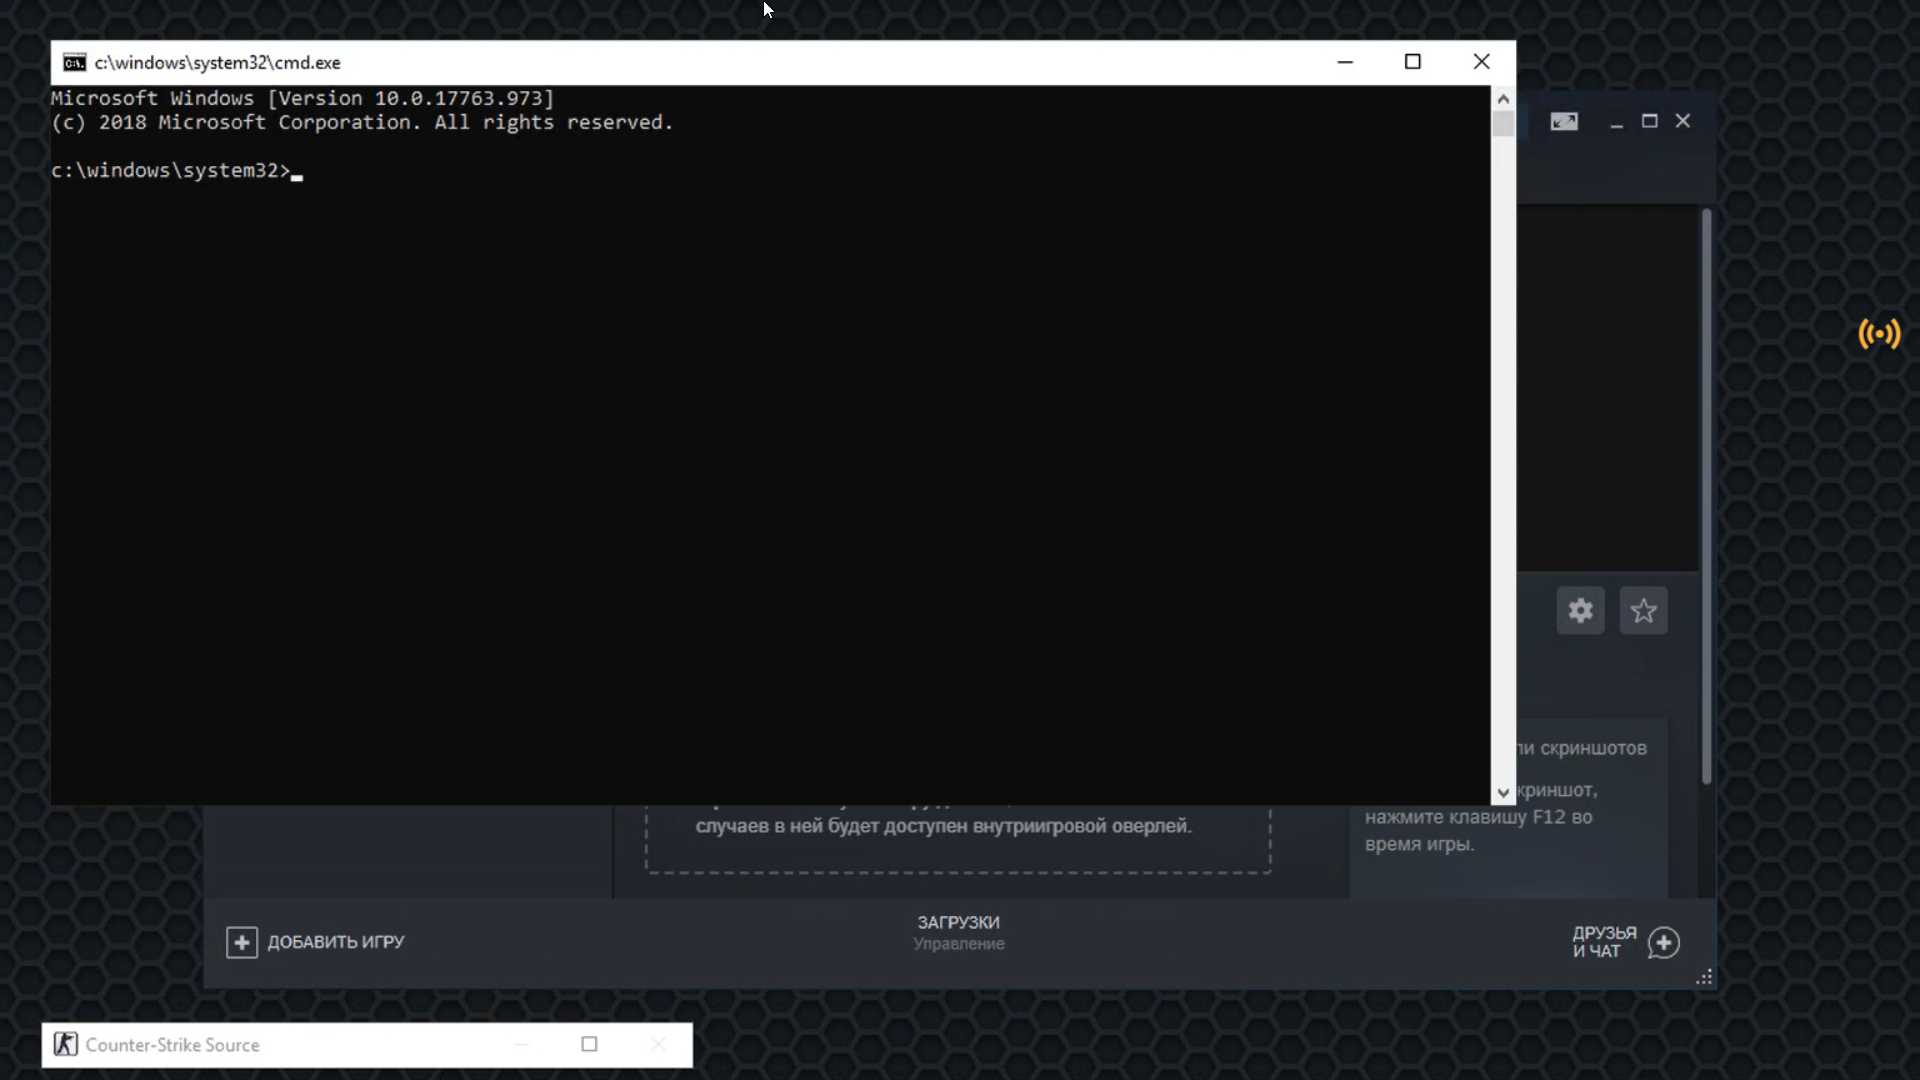 Охота за уязвимостью. Выполняем произвольный код на виртуальных машинах NVIDIA GeForce NOW - 4